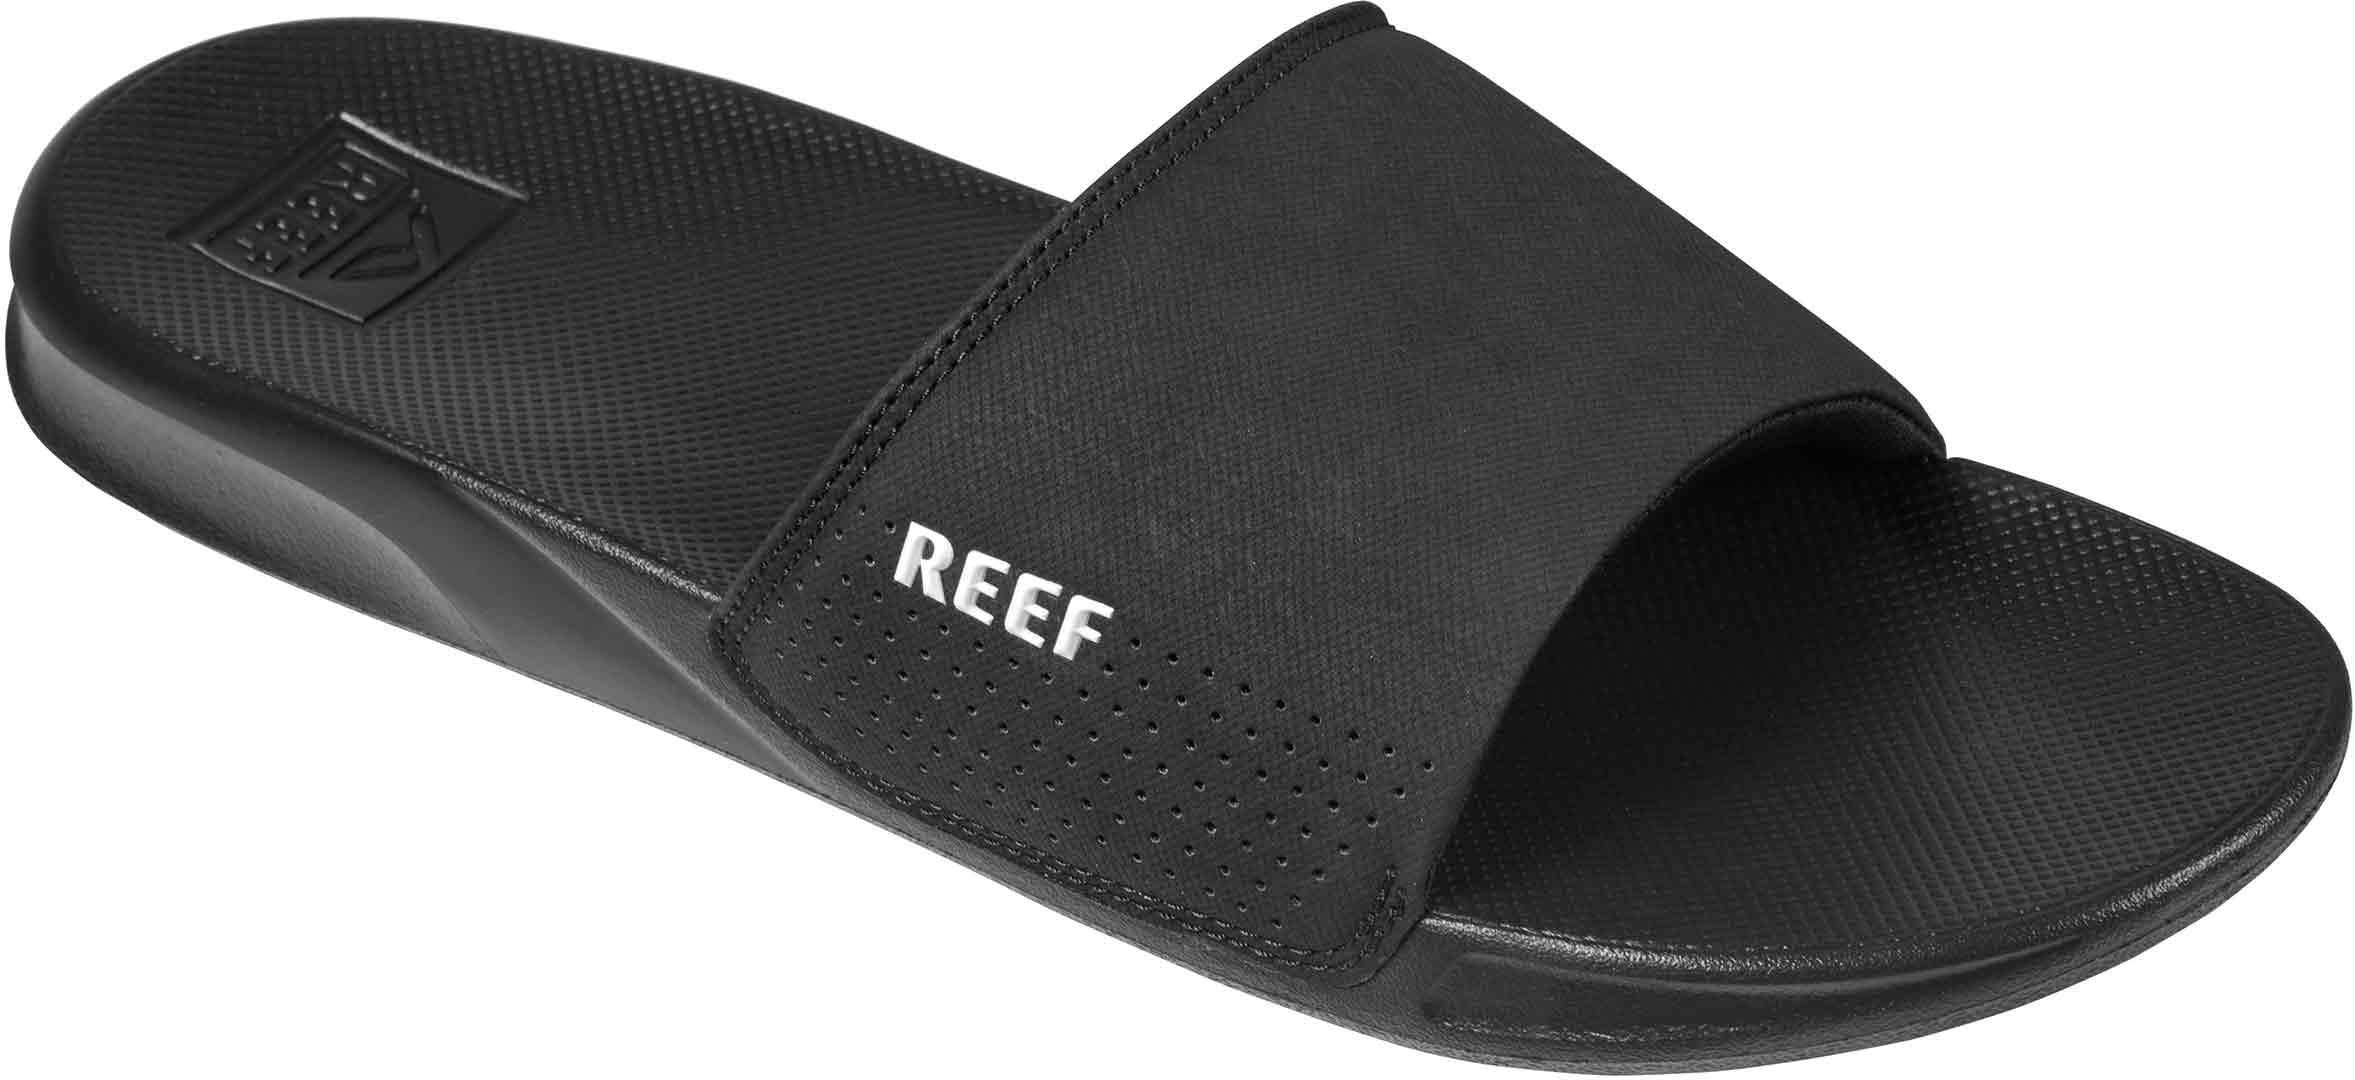 a5a9092bae872 Reef ONE SLIDE Sandal 2019 black | Warehouse One